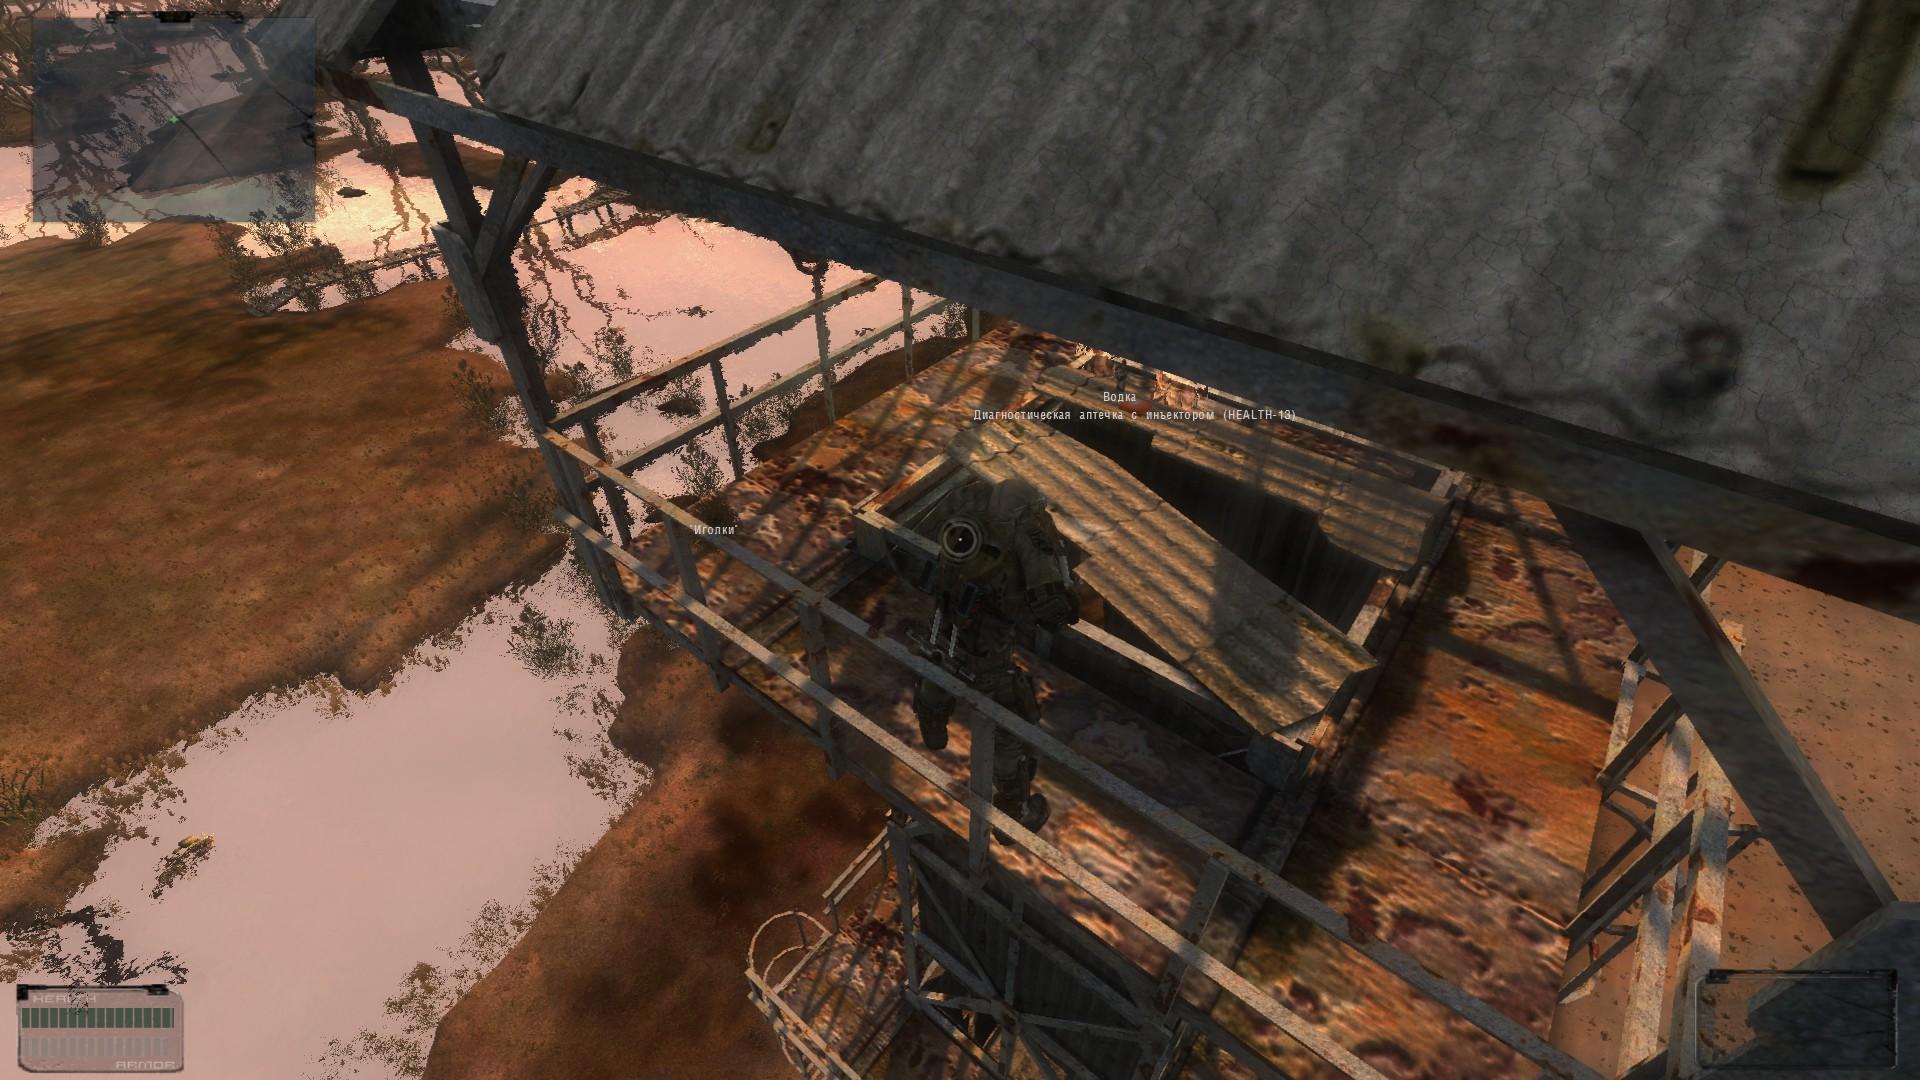 Oblivion Lost Remake 2.5 image 357